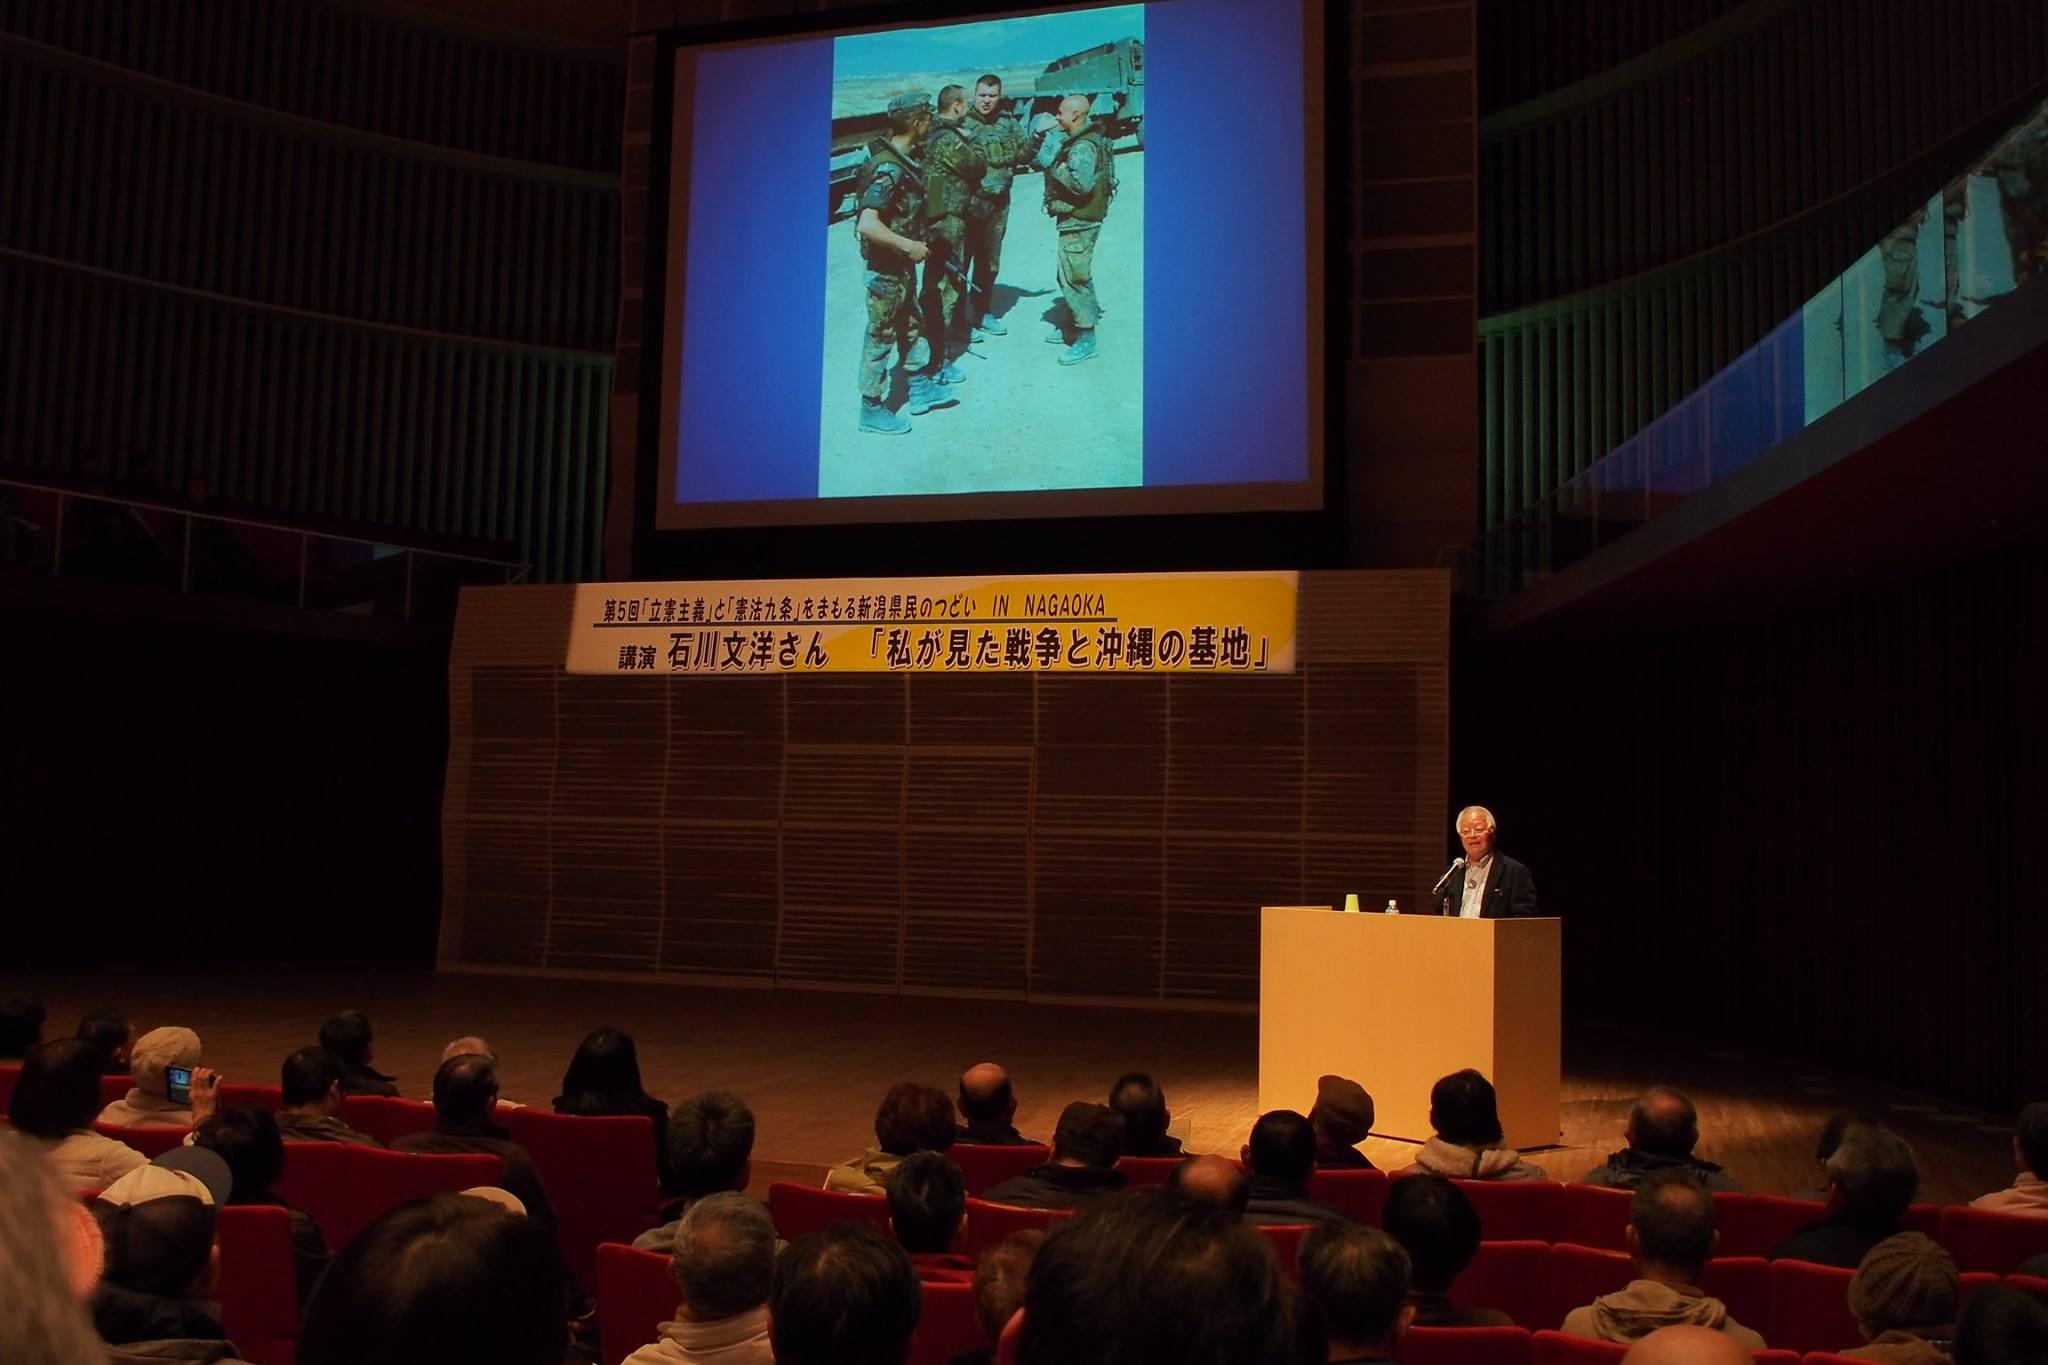 【立憲主義と憲法9条をまもる新潟県民の集いin nagaoka】-2